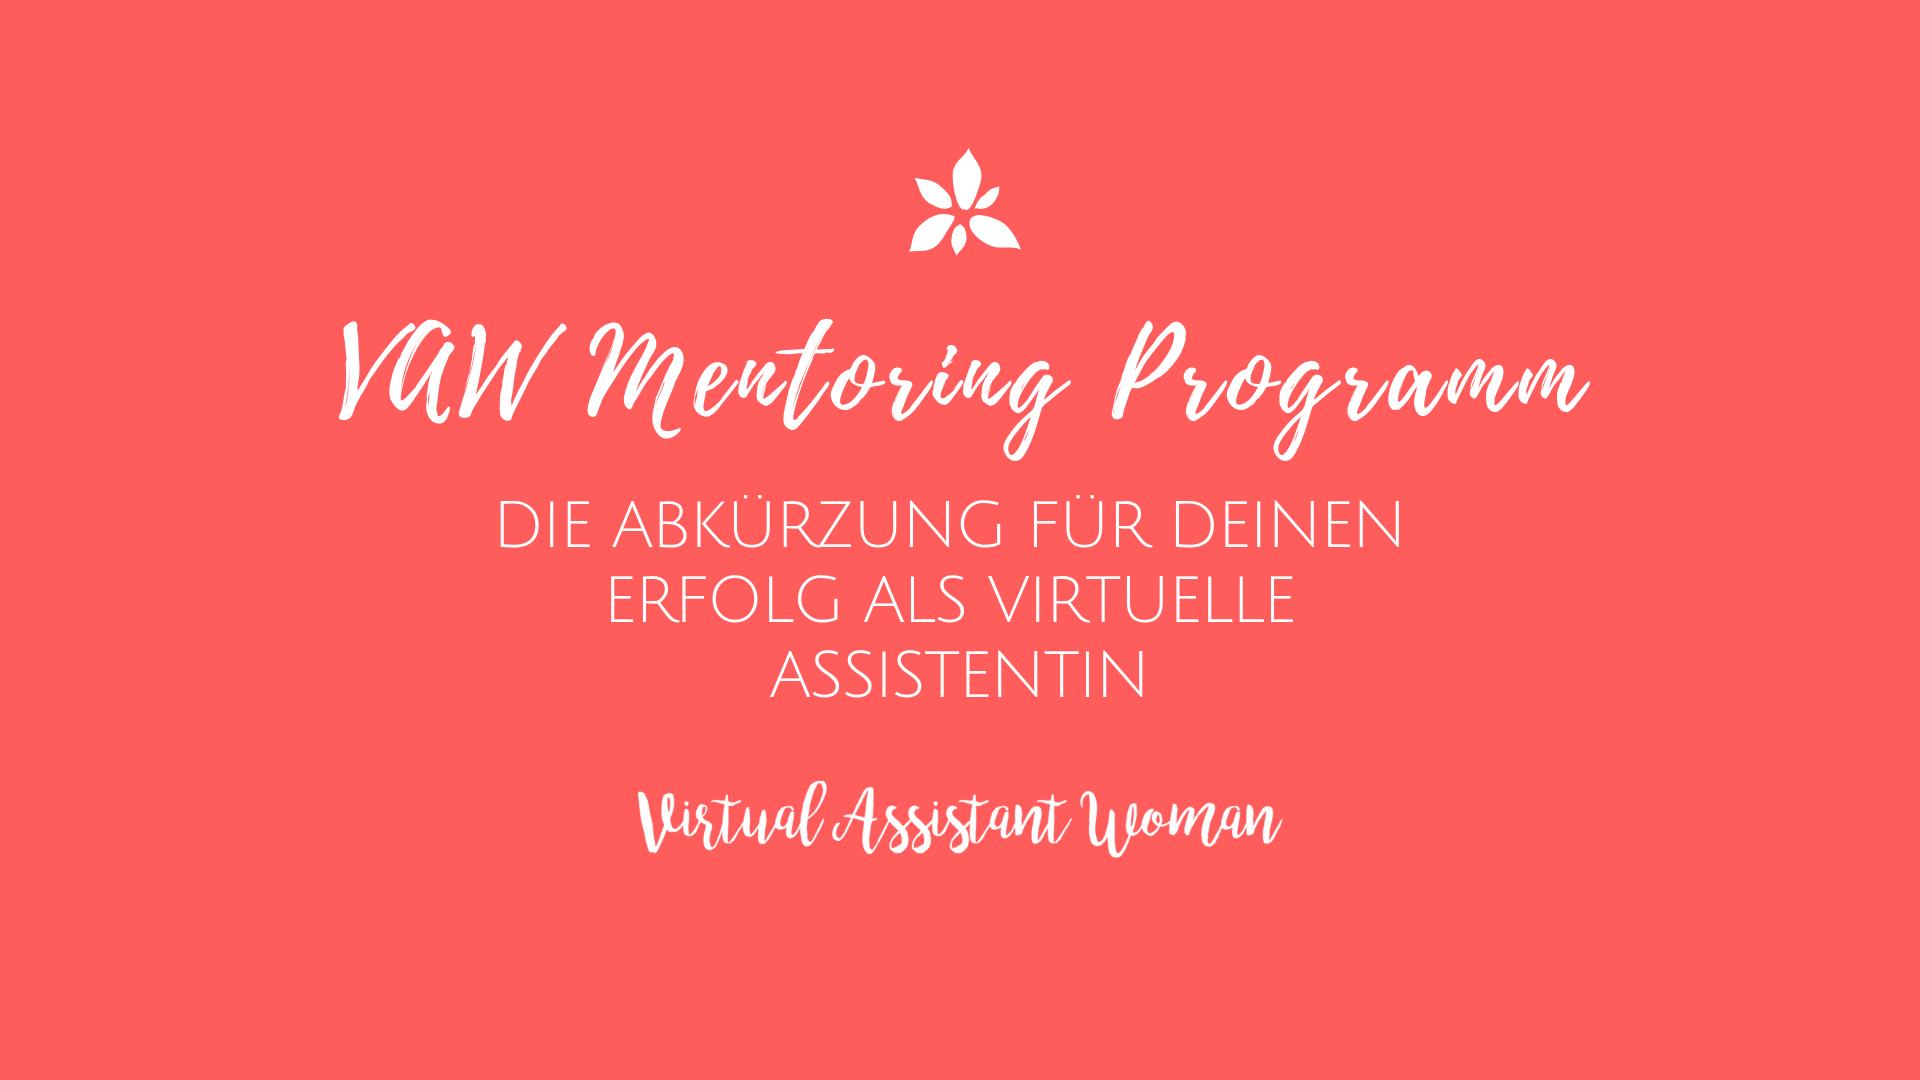 virtuelle assistenz mentoring programm